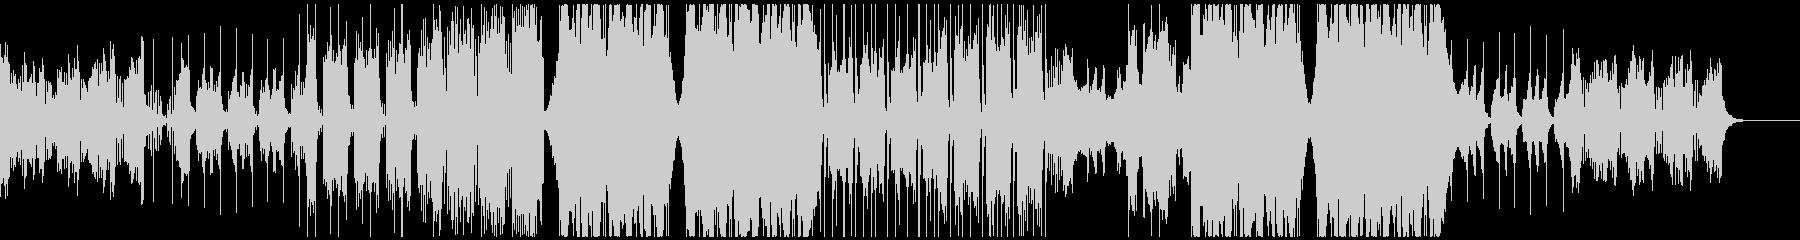 エモいフューチャーベースの未再生の波形